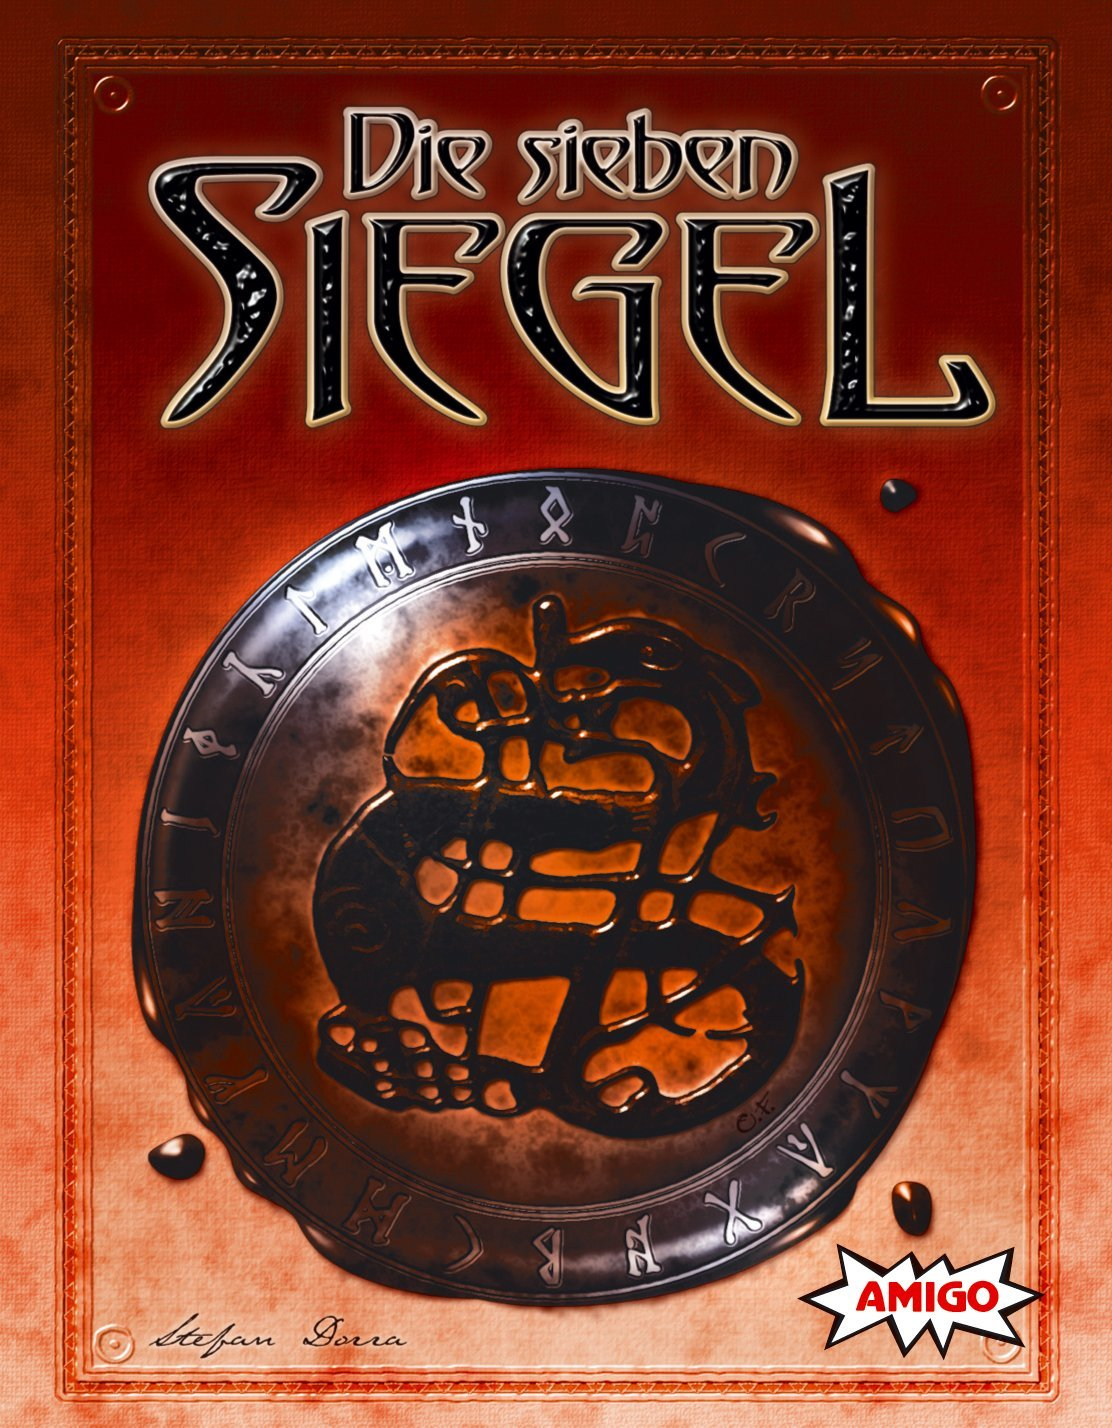 Die Sieben Siegel